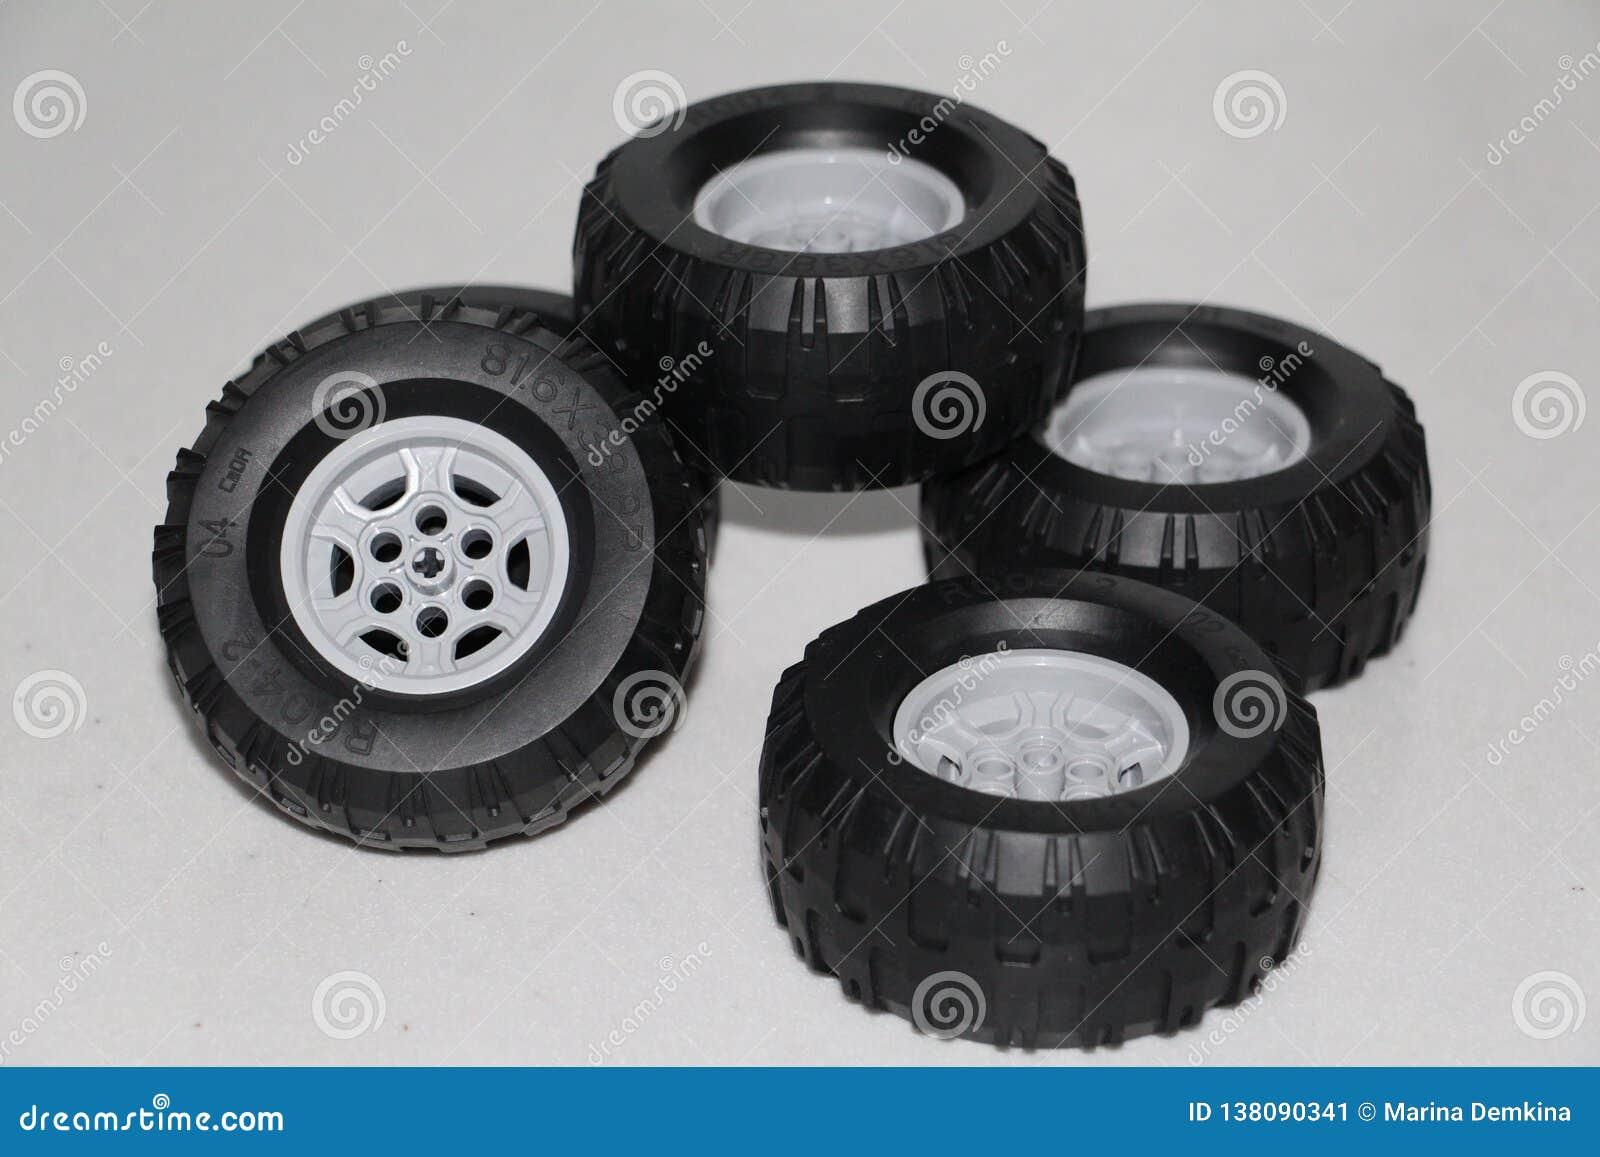 As rodas são removidas do carro, as rodas são brinquedo de borracha